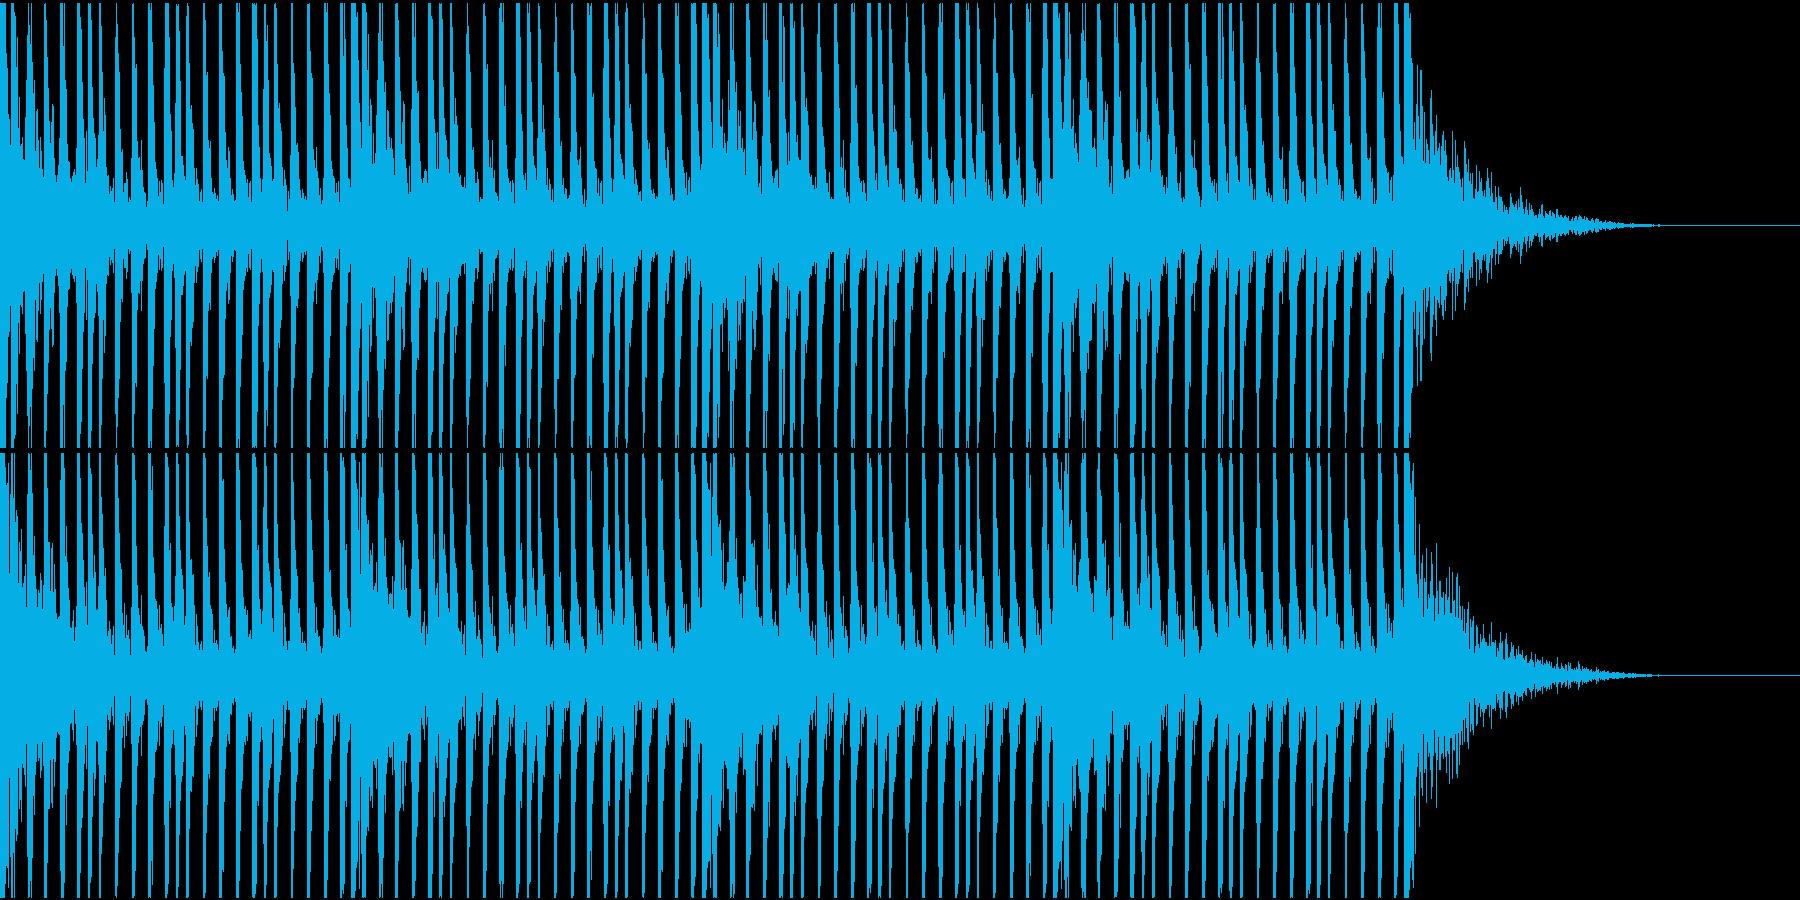 大作映画の予告編的な打楽器リズム1の再生済みの波形